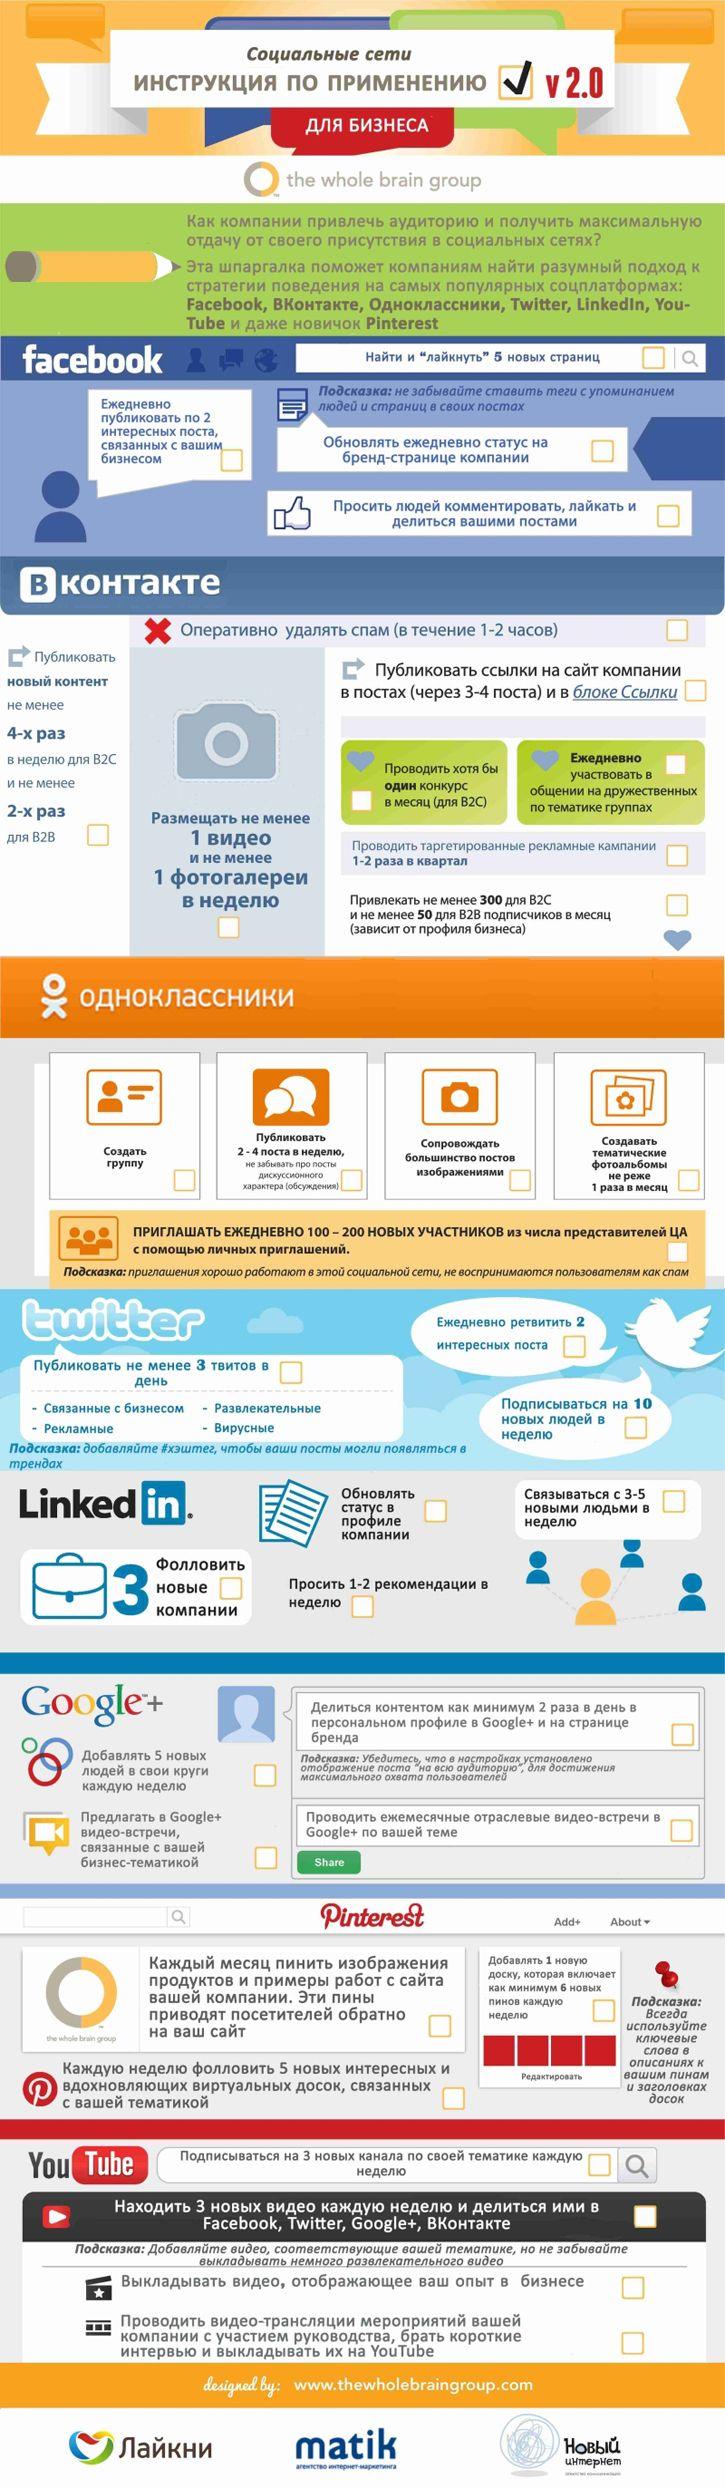 Как применять социальные сети для продвижения бизнеса - AIN.UA